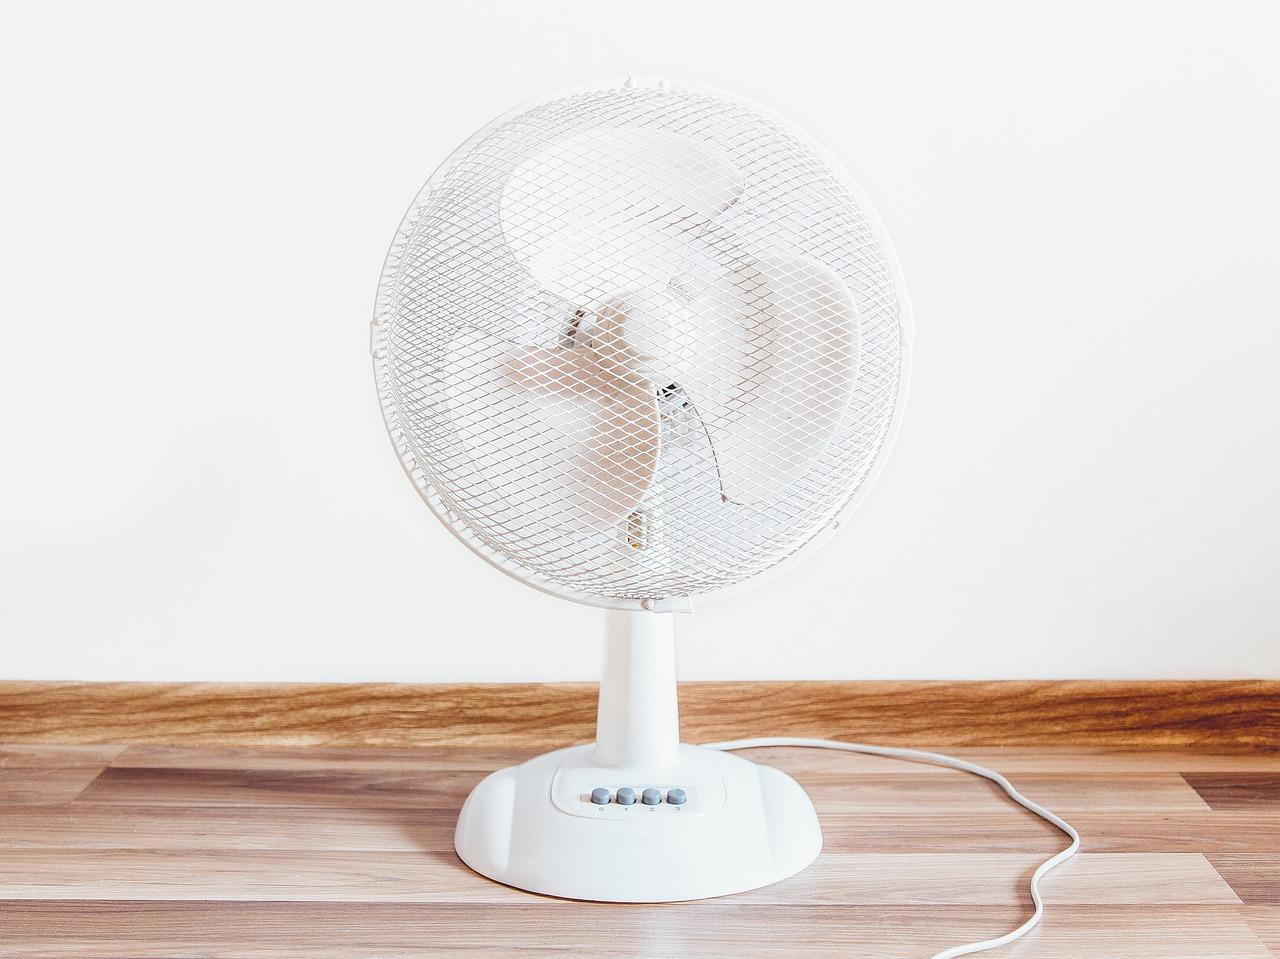 扇風機の収納カバーはおしゃれが良い!100均やダイソーセリアはディズニーのもある?作り方や洗えるかを紹介!